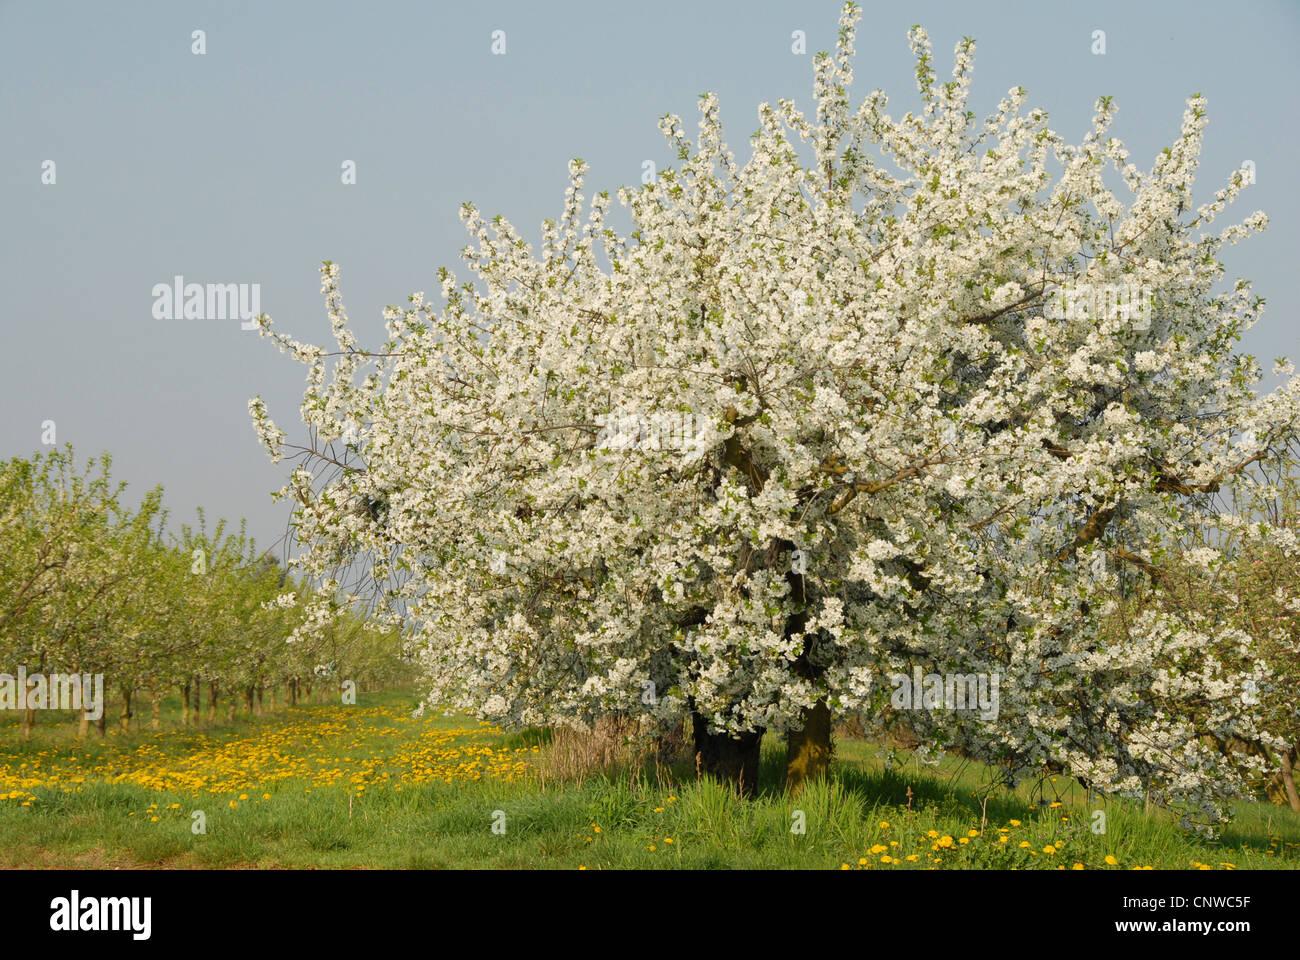 Dwarf Cherry Tree Stock Photos Dwarf Cherry Tree Stock Images